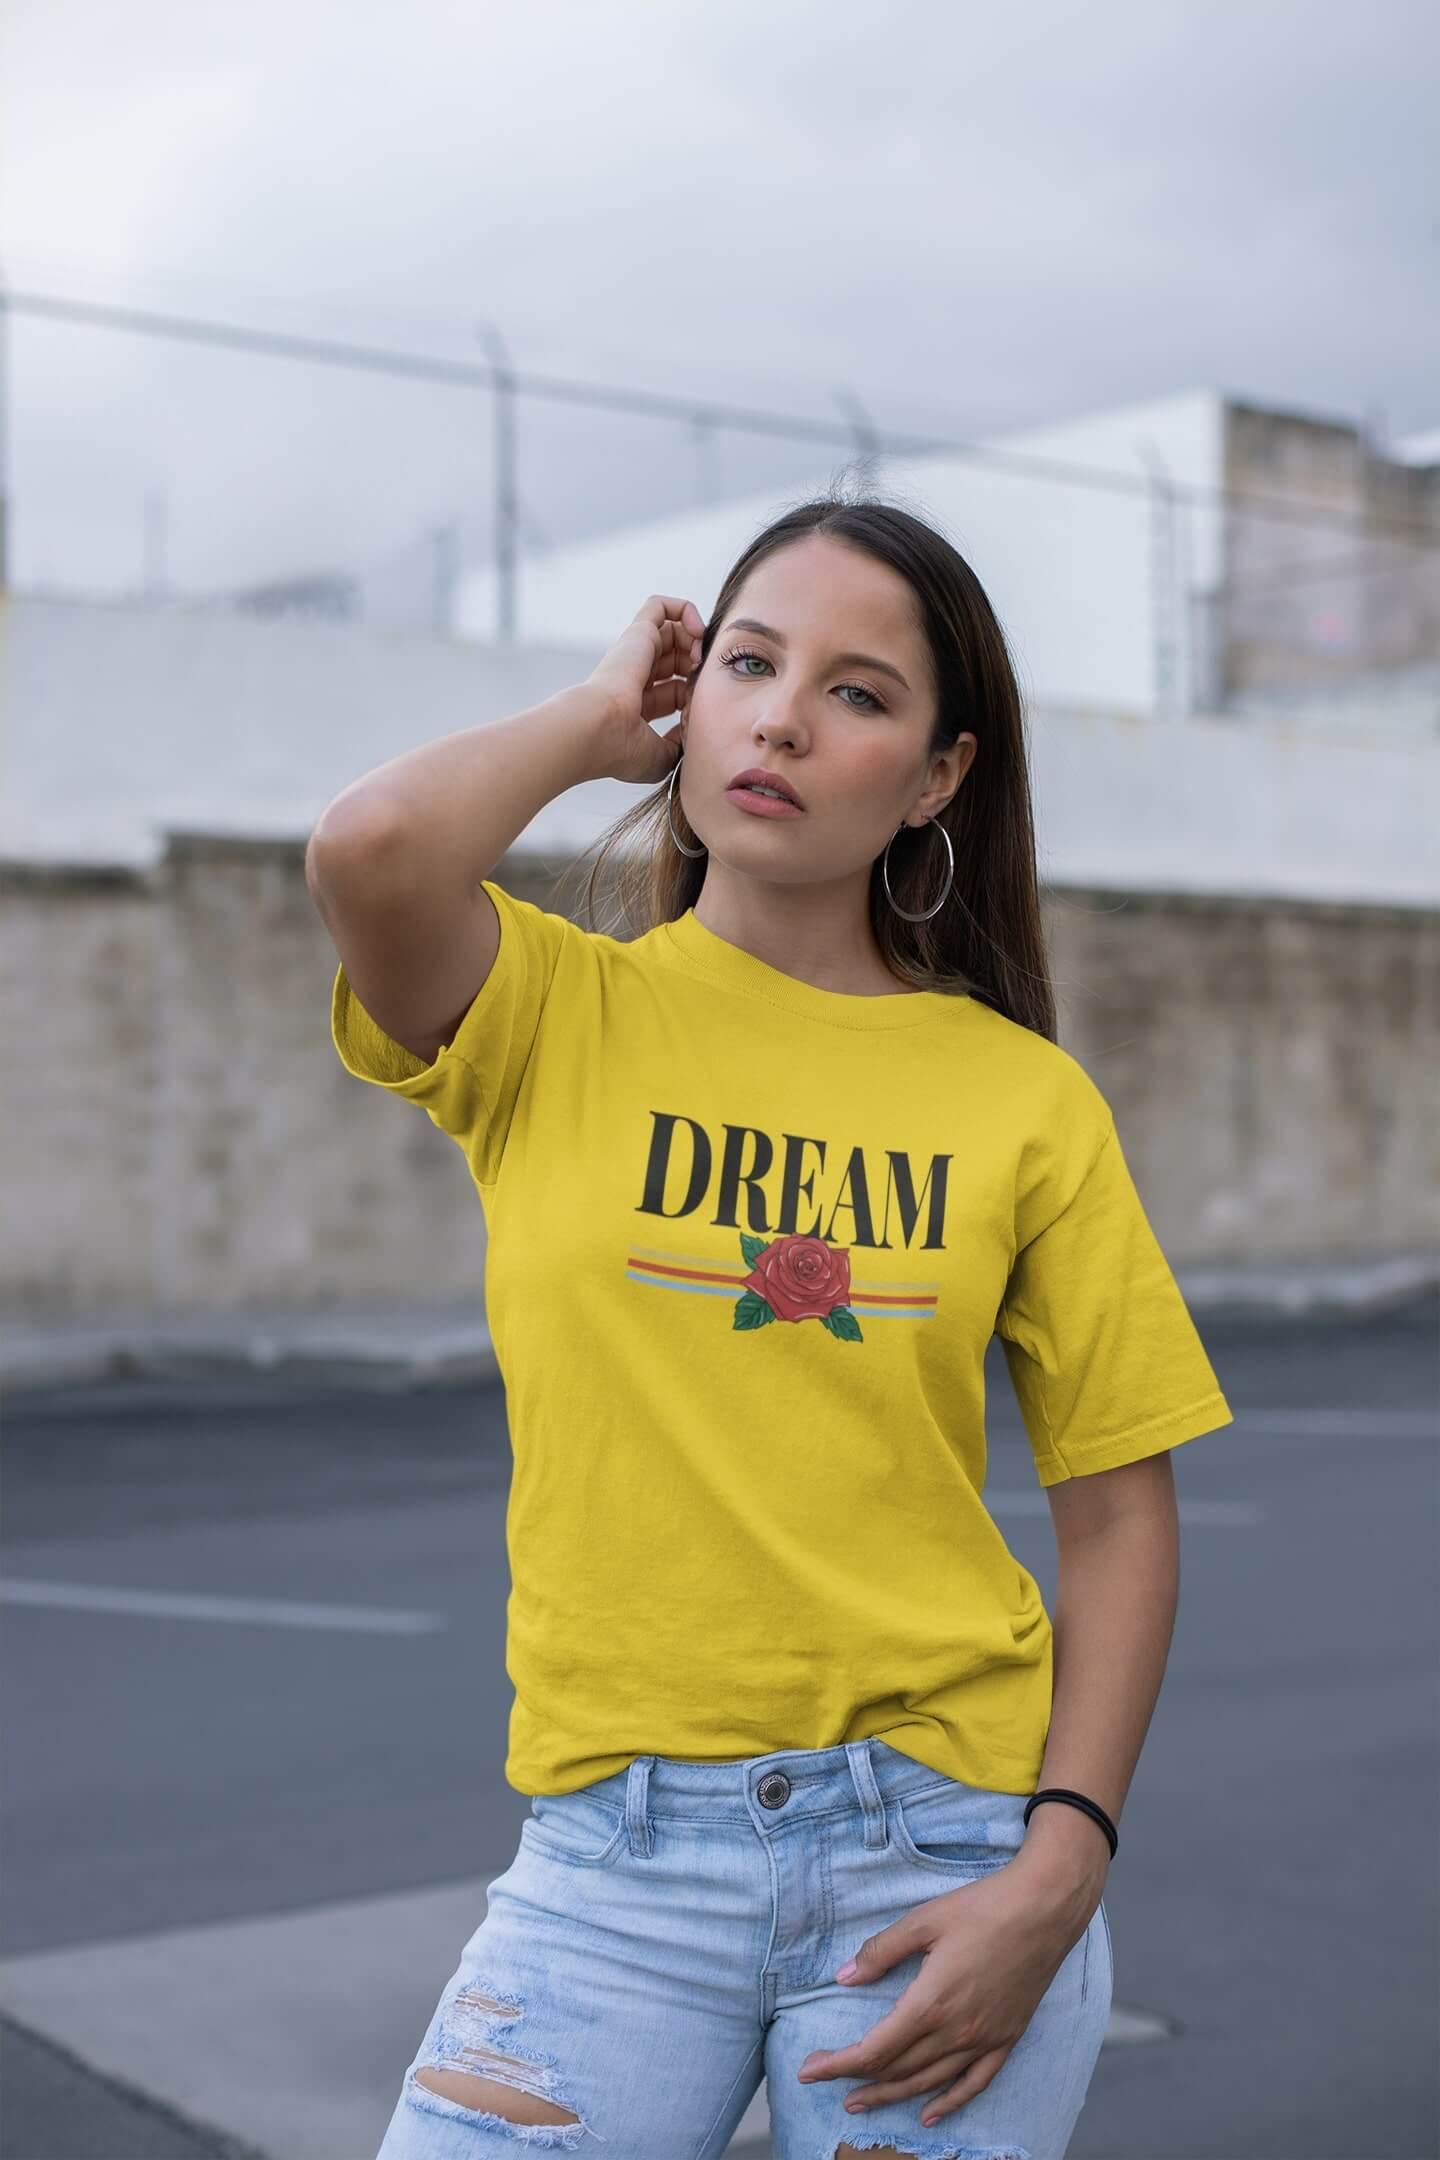 MMO Dámske tričko Dream Vyberte farbu: Žltá, Vyberte veľkosť: M